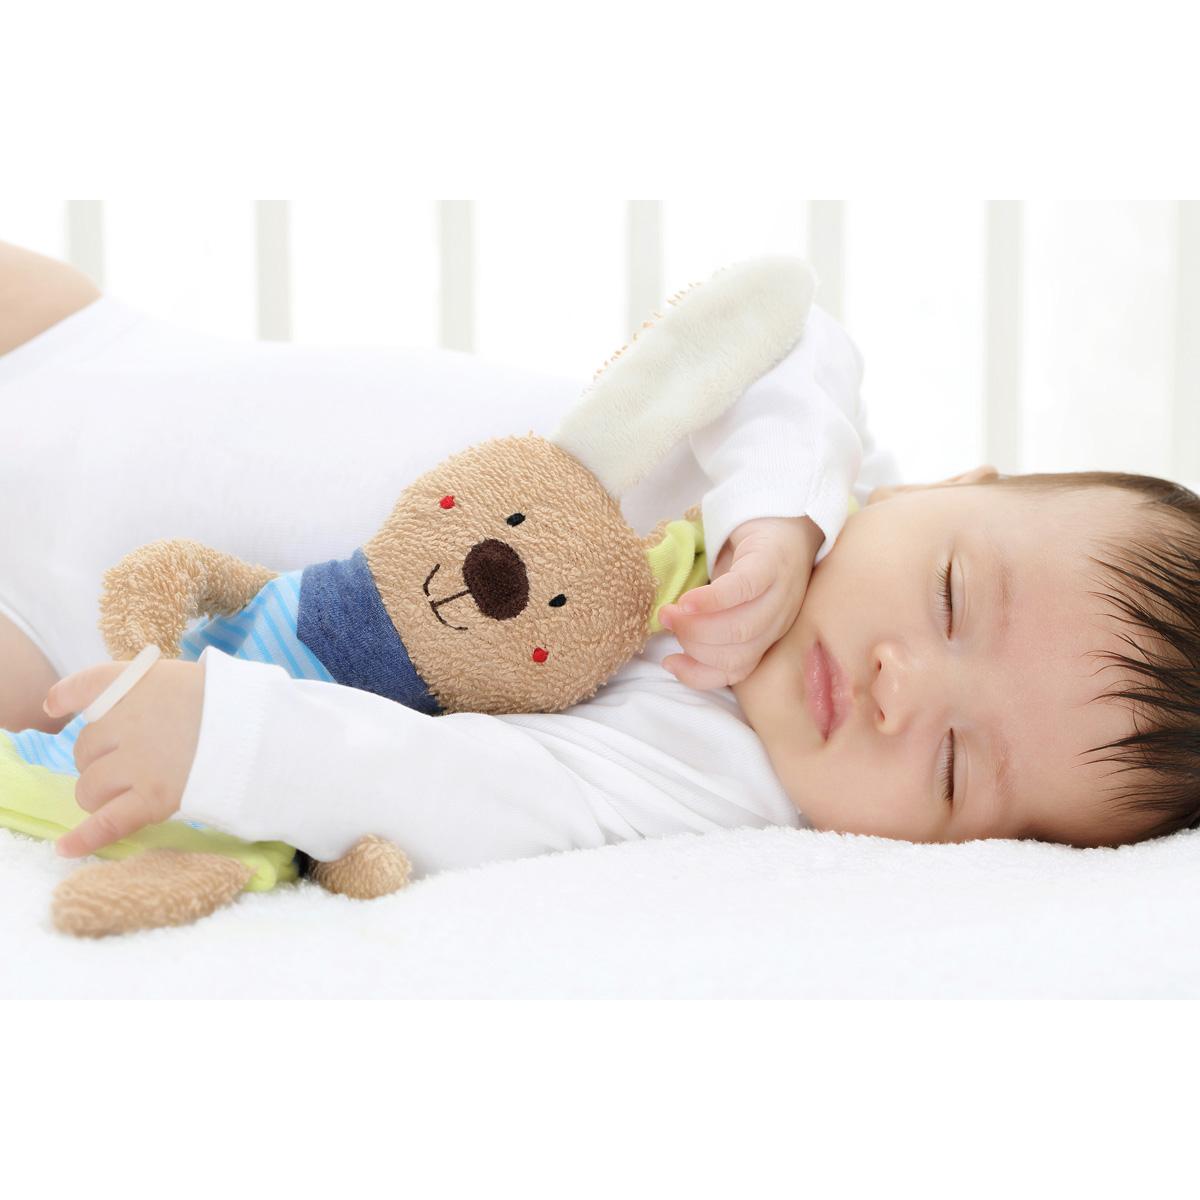 【シギキット社のベビー遊具】赤ちゃんの成長のそばに